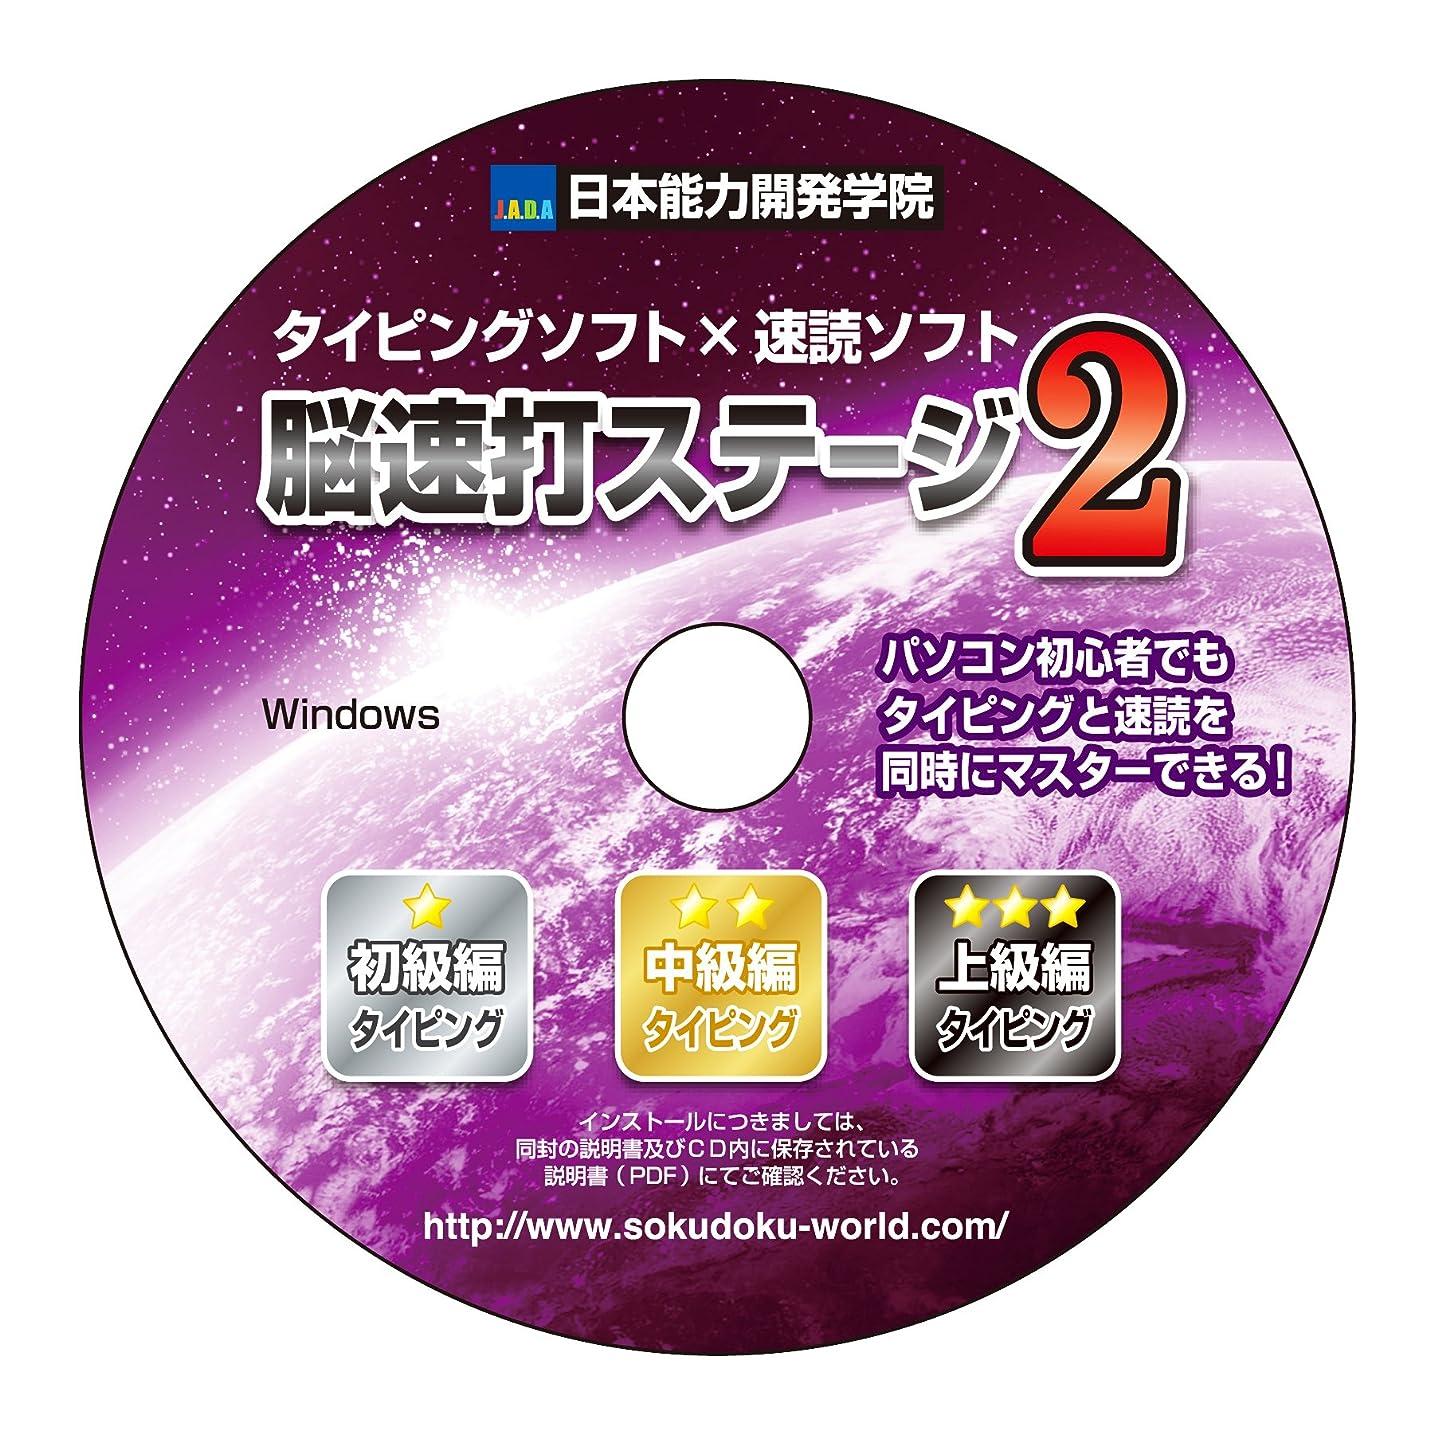 不名誉なビンフリッパーグリザイア:ファントムトリガー THE ANIMATION 01/02[Blu-ray] 特装版【予約特典:複製色紙 付き】